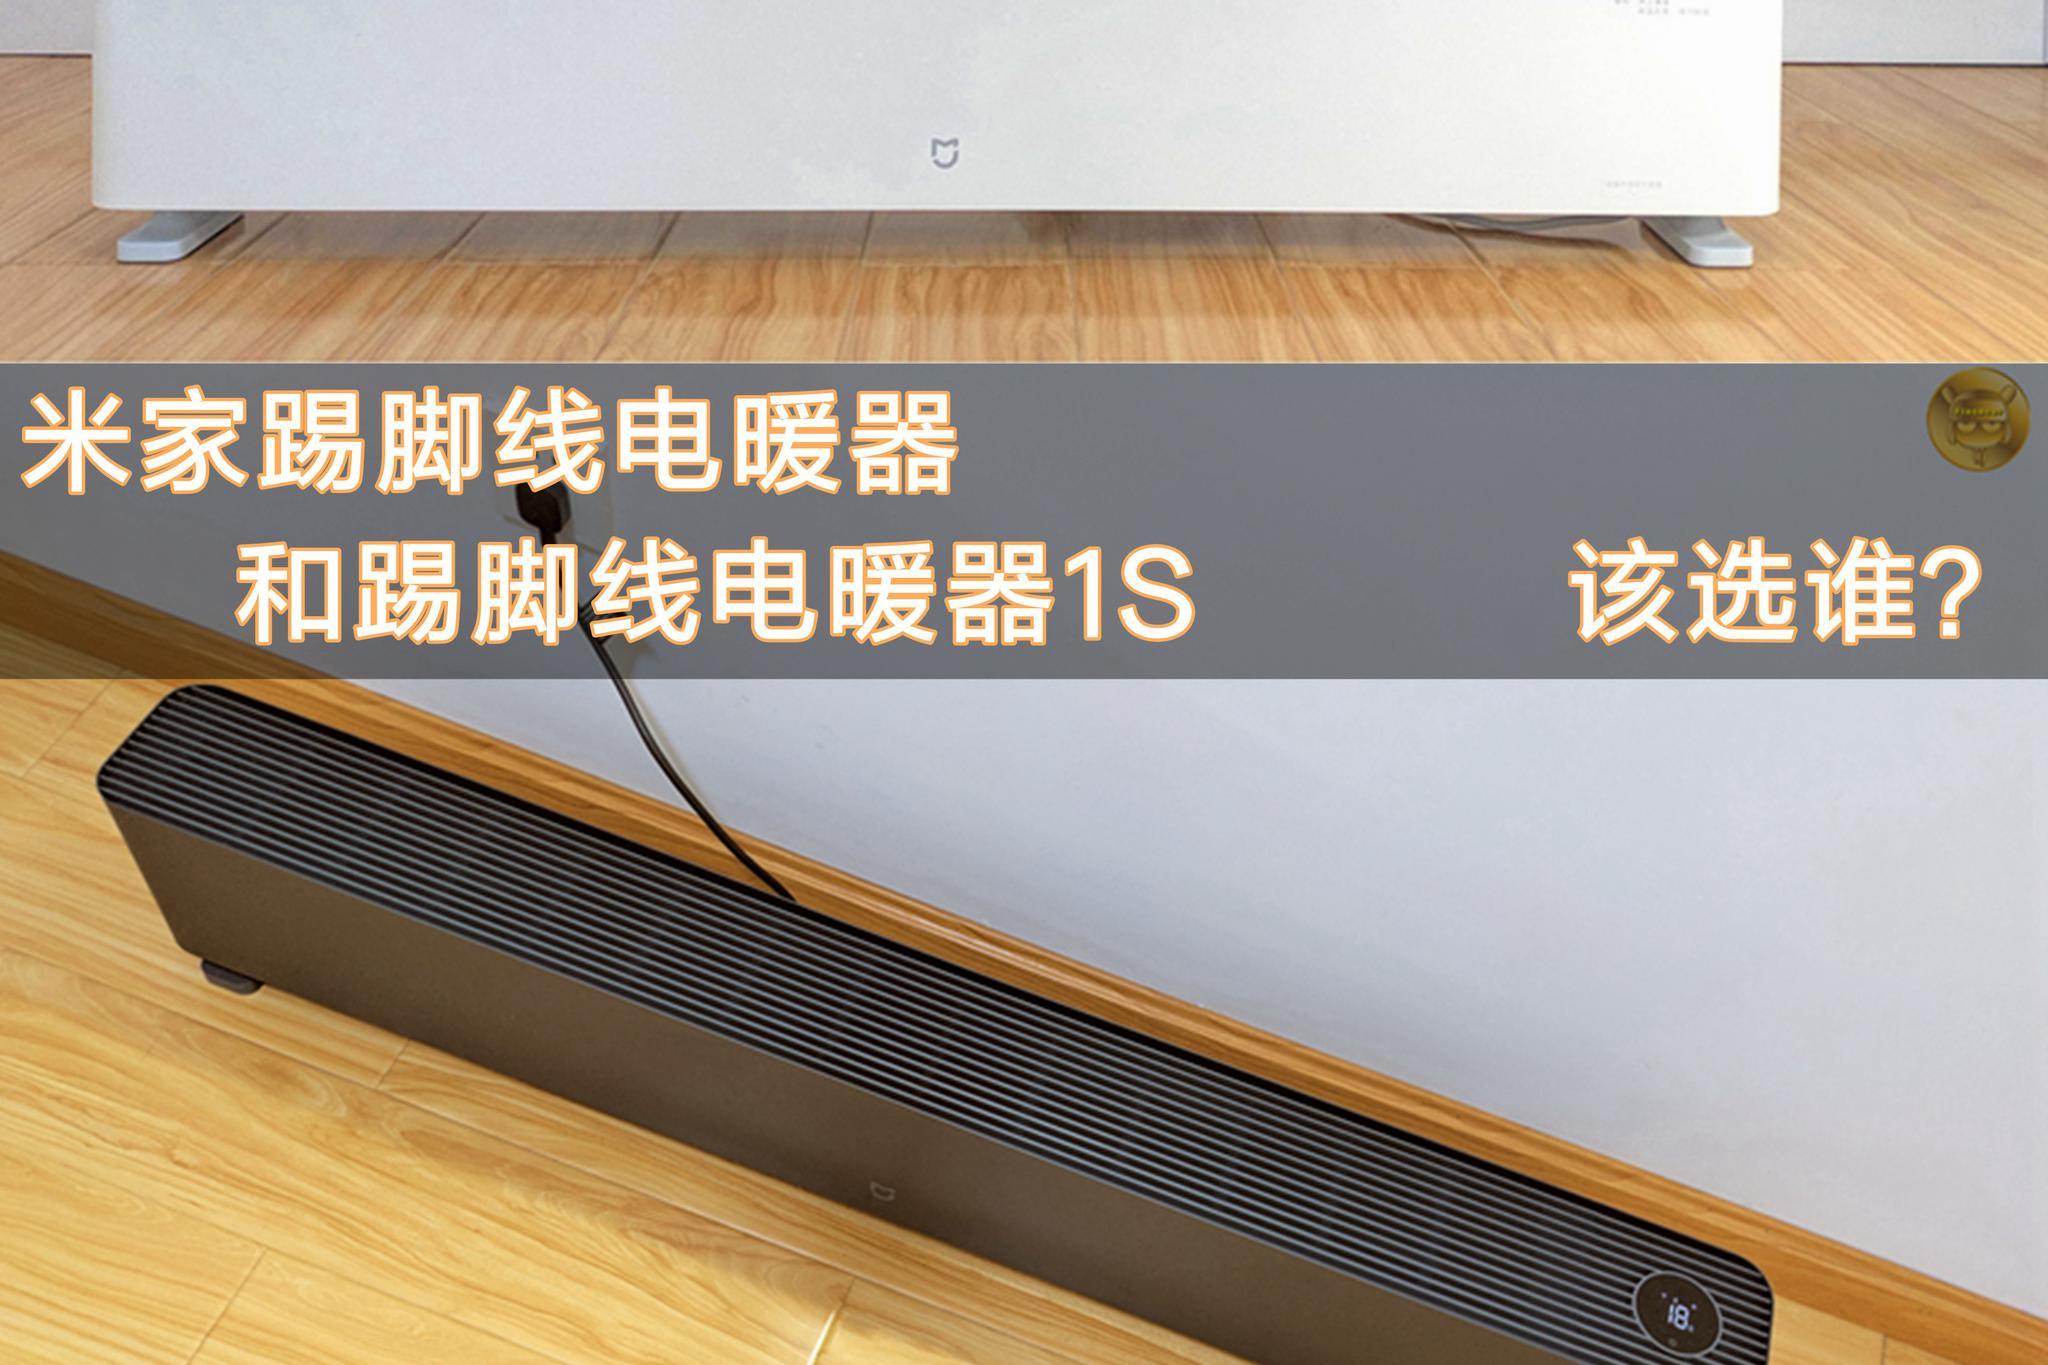 米家踢脚线电暖器和电暖器1S到底该怎么选?